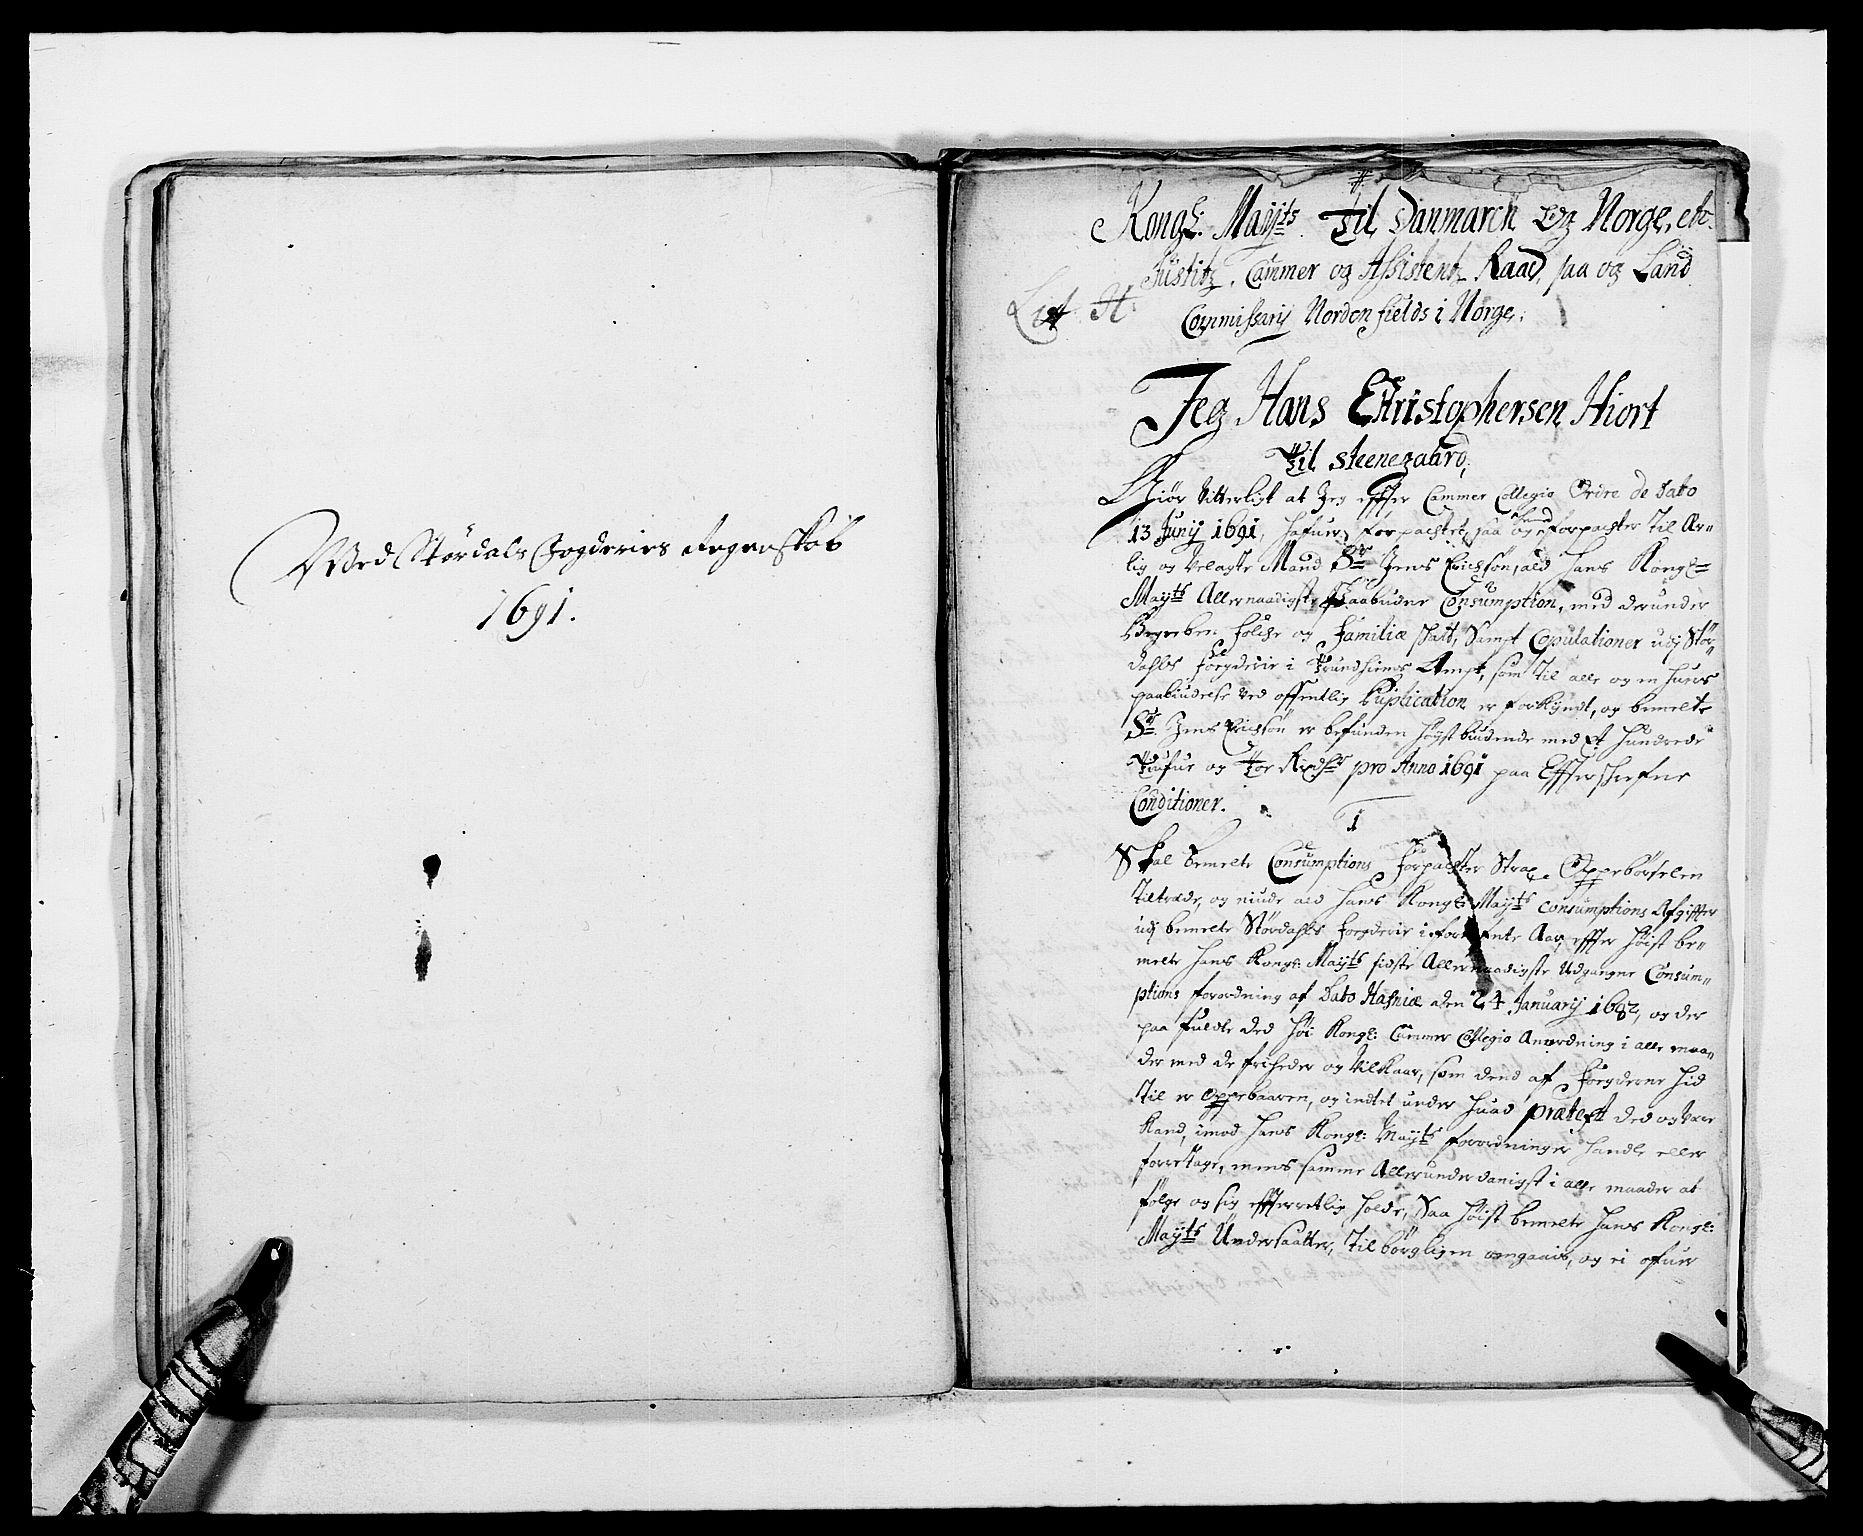 RA, Rentekammeret inntil 1814, Reviderte regnskaper, Fogderegnskap, R62/L4184: Fogderegnskap Stjørdal og Verdal, 1690-1691, s. 359